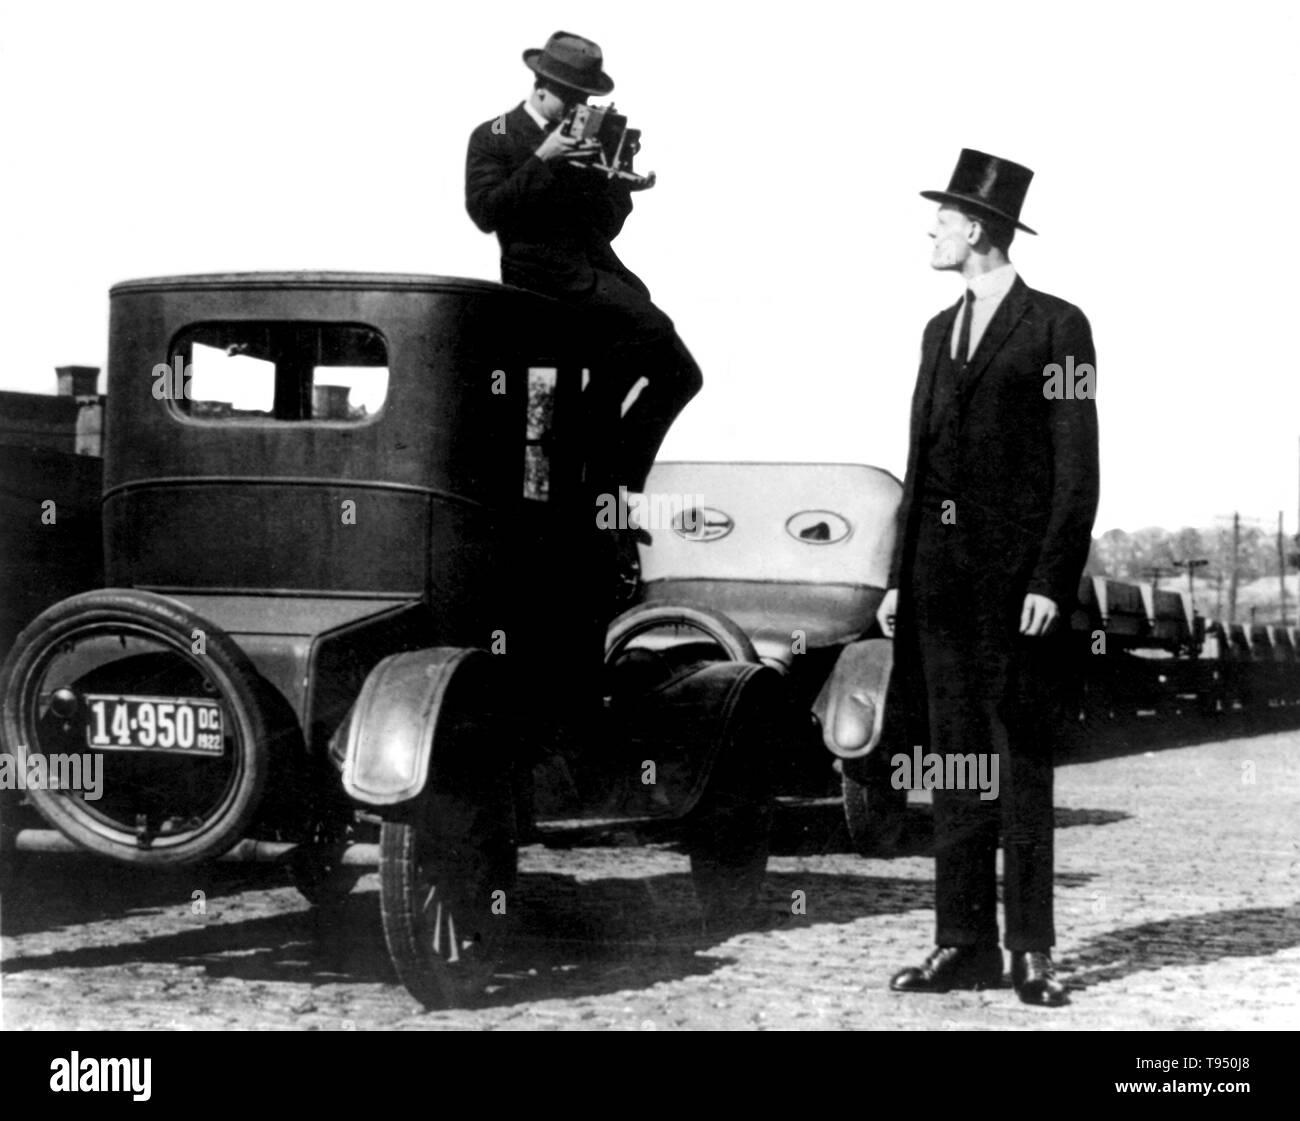 Intitulé: Photographe assis sur le haut de la photographie voiture grand homme dans top hat.' gigantisme, également connu sous le nom de gigantisme, est un état caractérisé par une croissance excessive et la hauteur bien au-dessus de la moyenne. Chez les humains, cette condition est causée par la surproduction de l'hormone de croissance dans l'enfance d'où les gens entre 7 pieds et 9 pieds de hauteur. National Photo Company, 1922. Banque D'Images